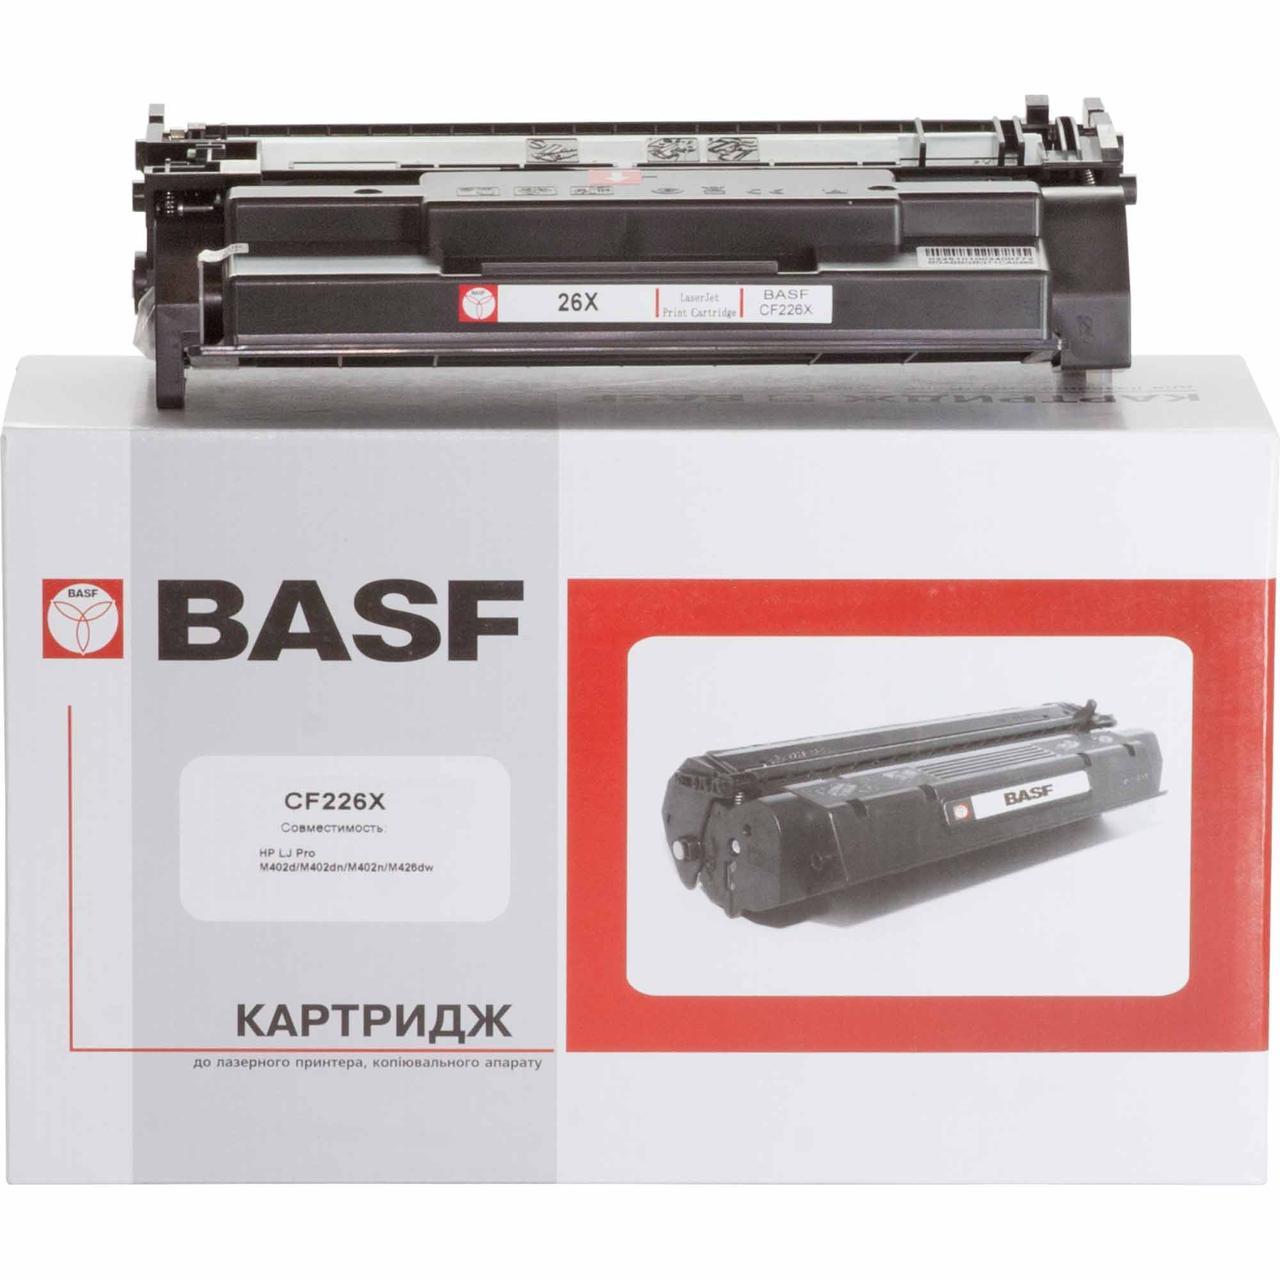 Картридж HP 26X (CF226X), Black, LJ Pro M402, MFP M426, ресурс 9000 листов, BASF (BASF-KT-CF226X)